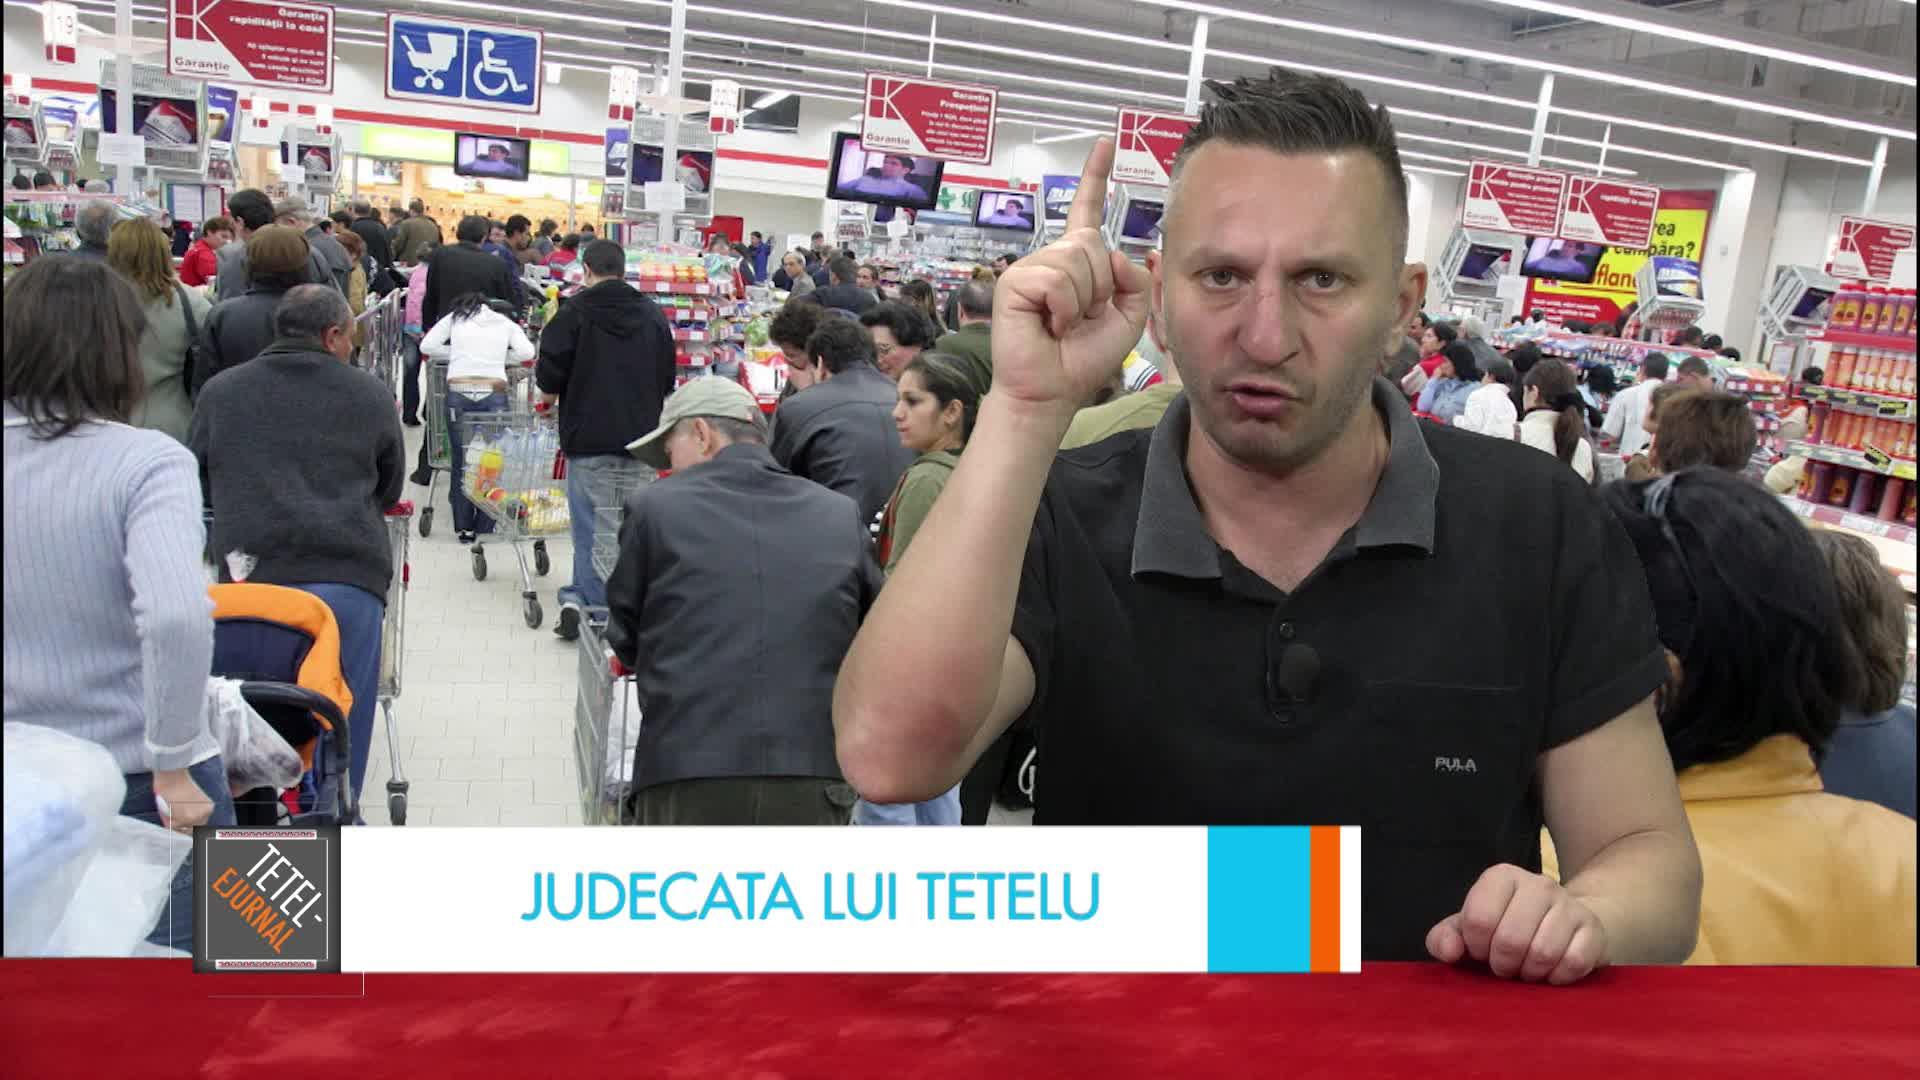 Judecata lui Tetelu: Cât de credincioşi sunt românii